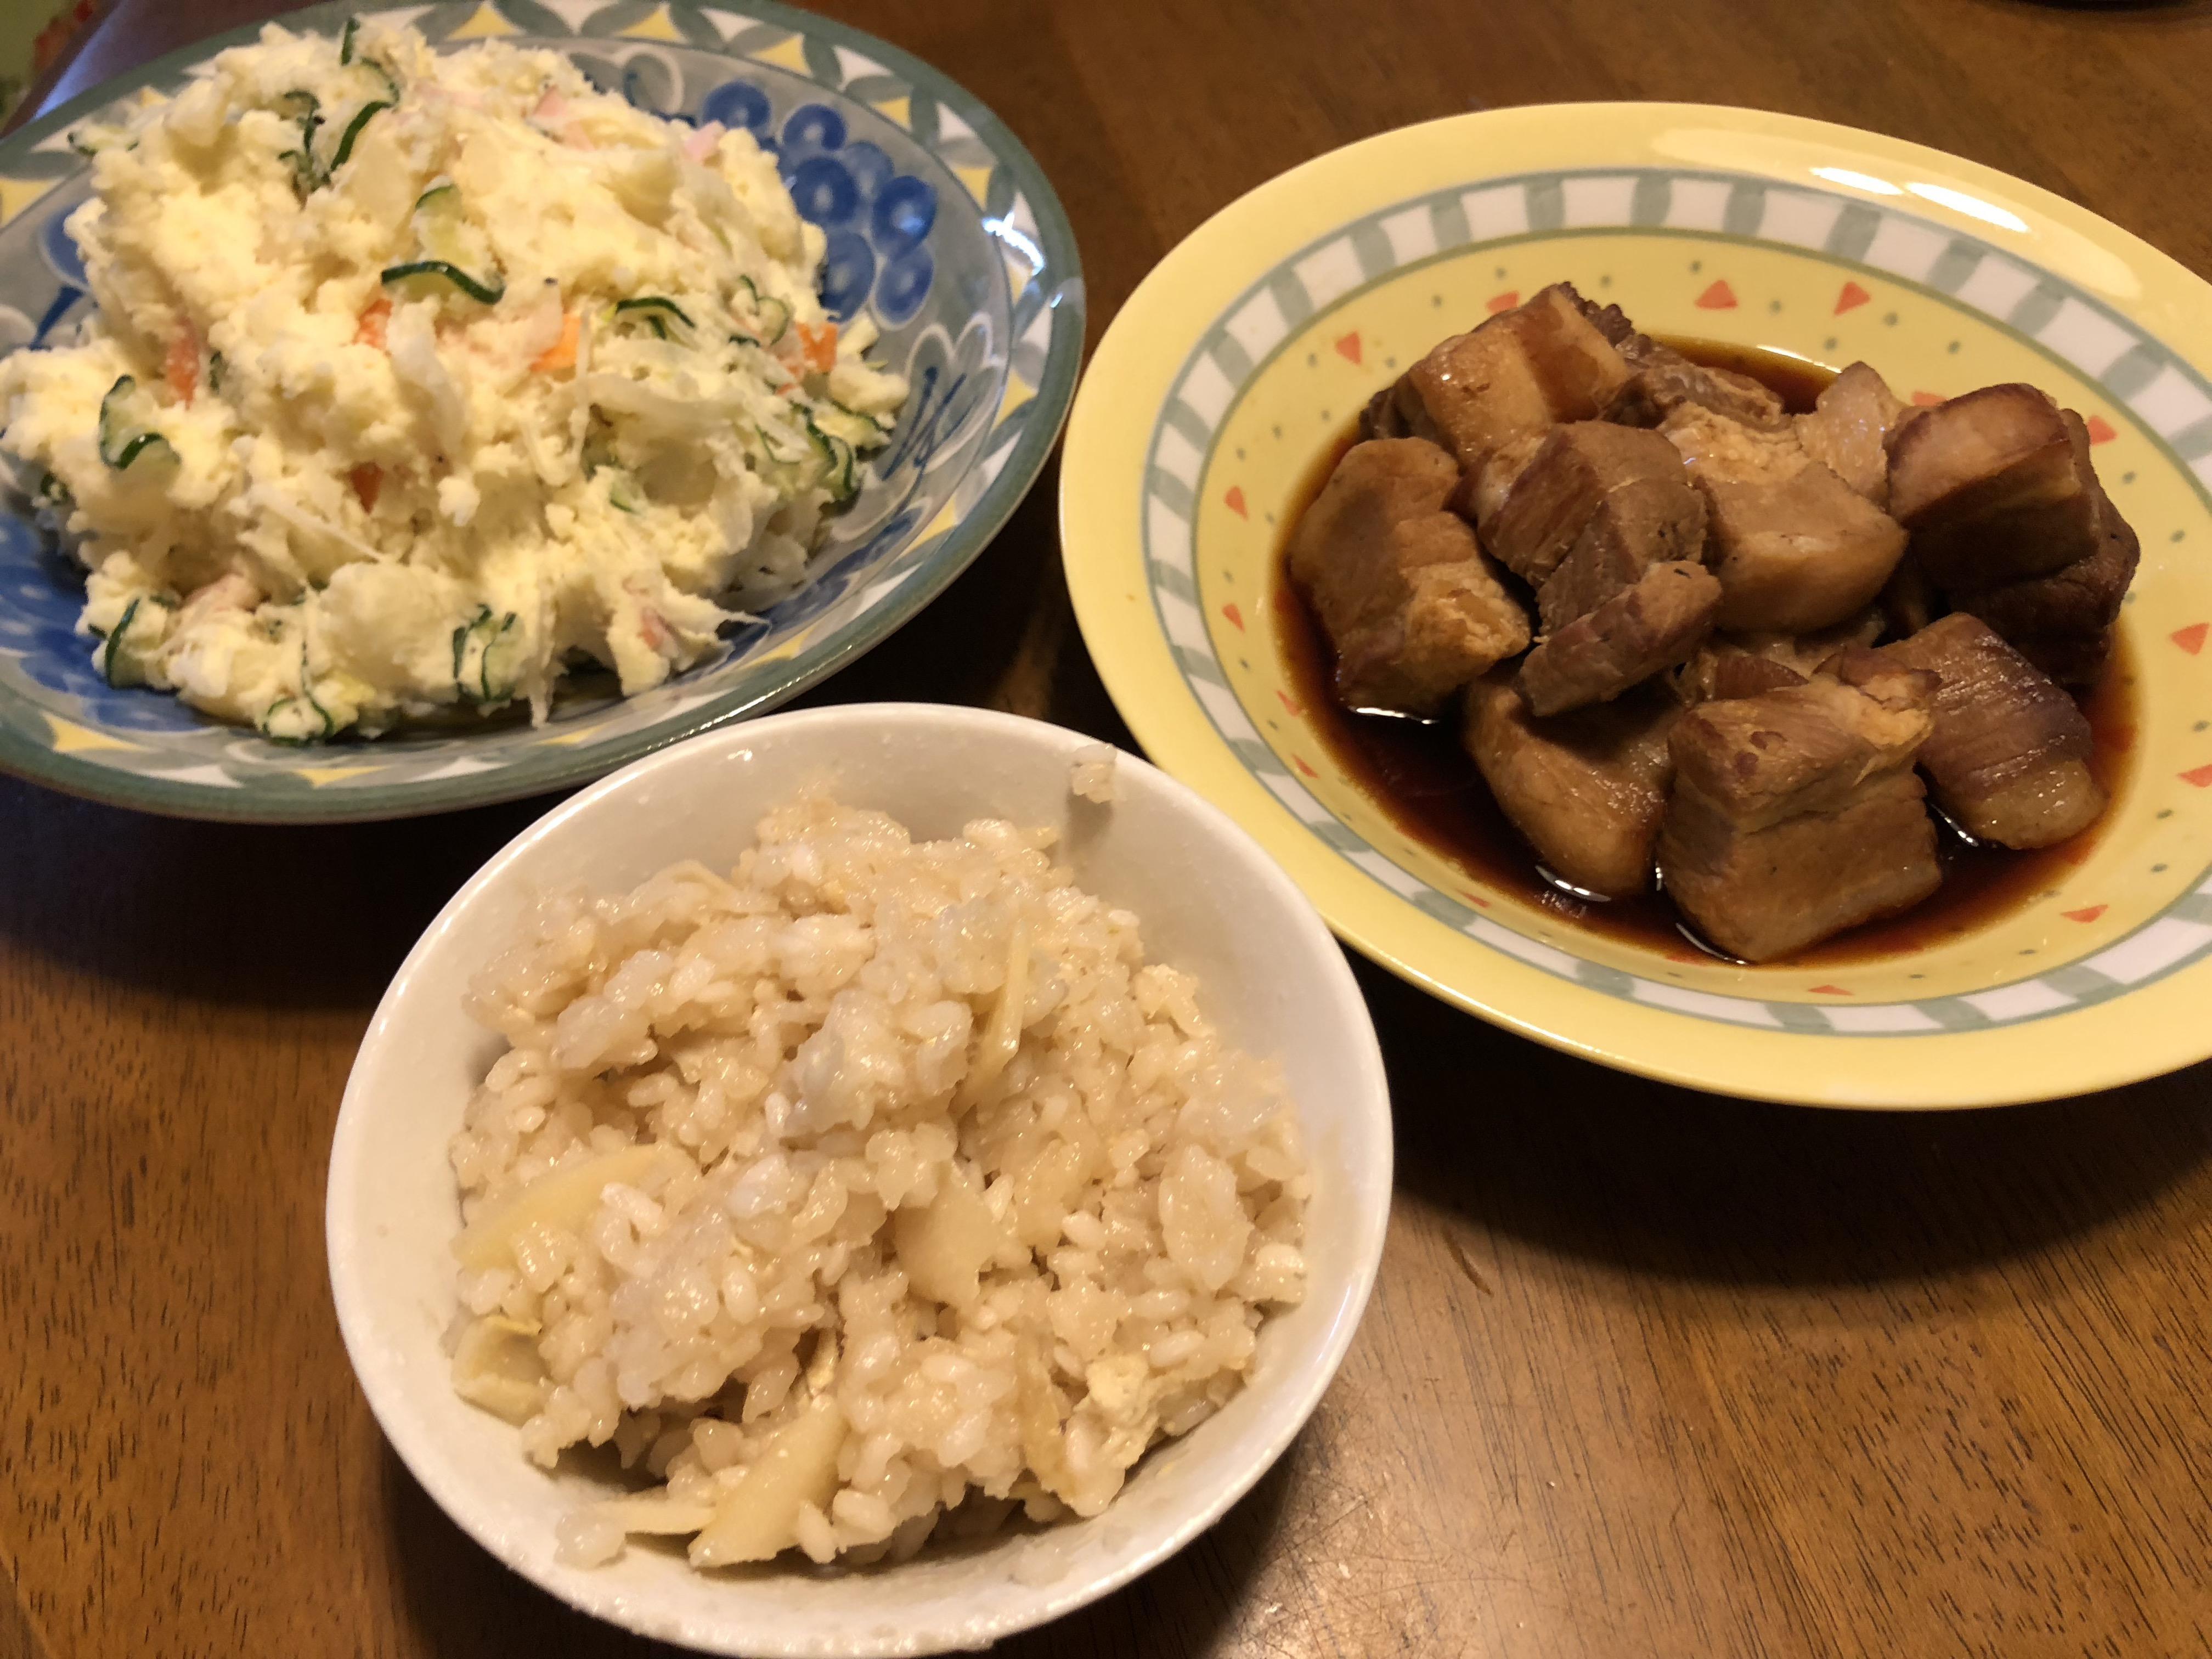 http://www.kozure-hitsuji.com/items/IMG_0523.JPG